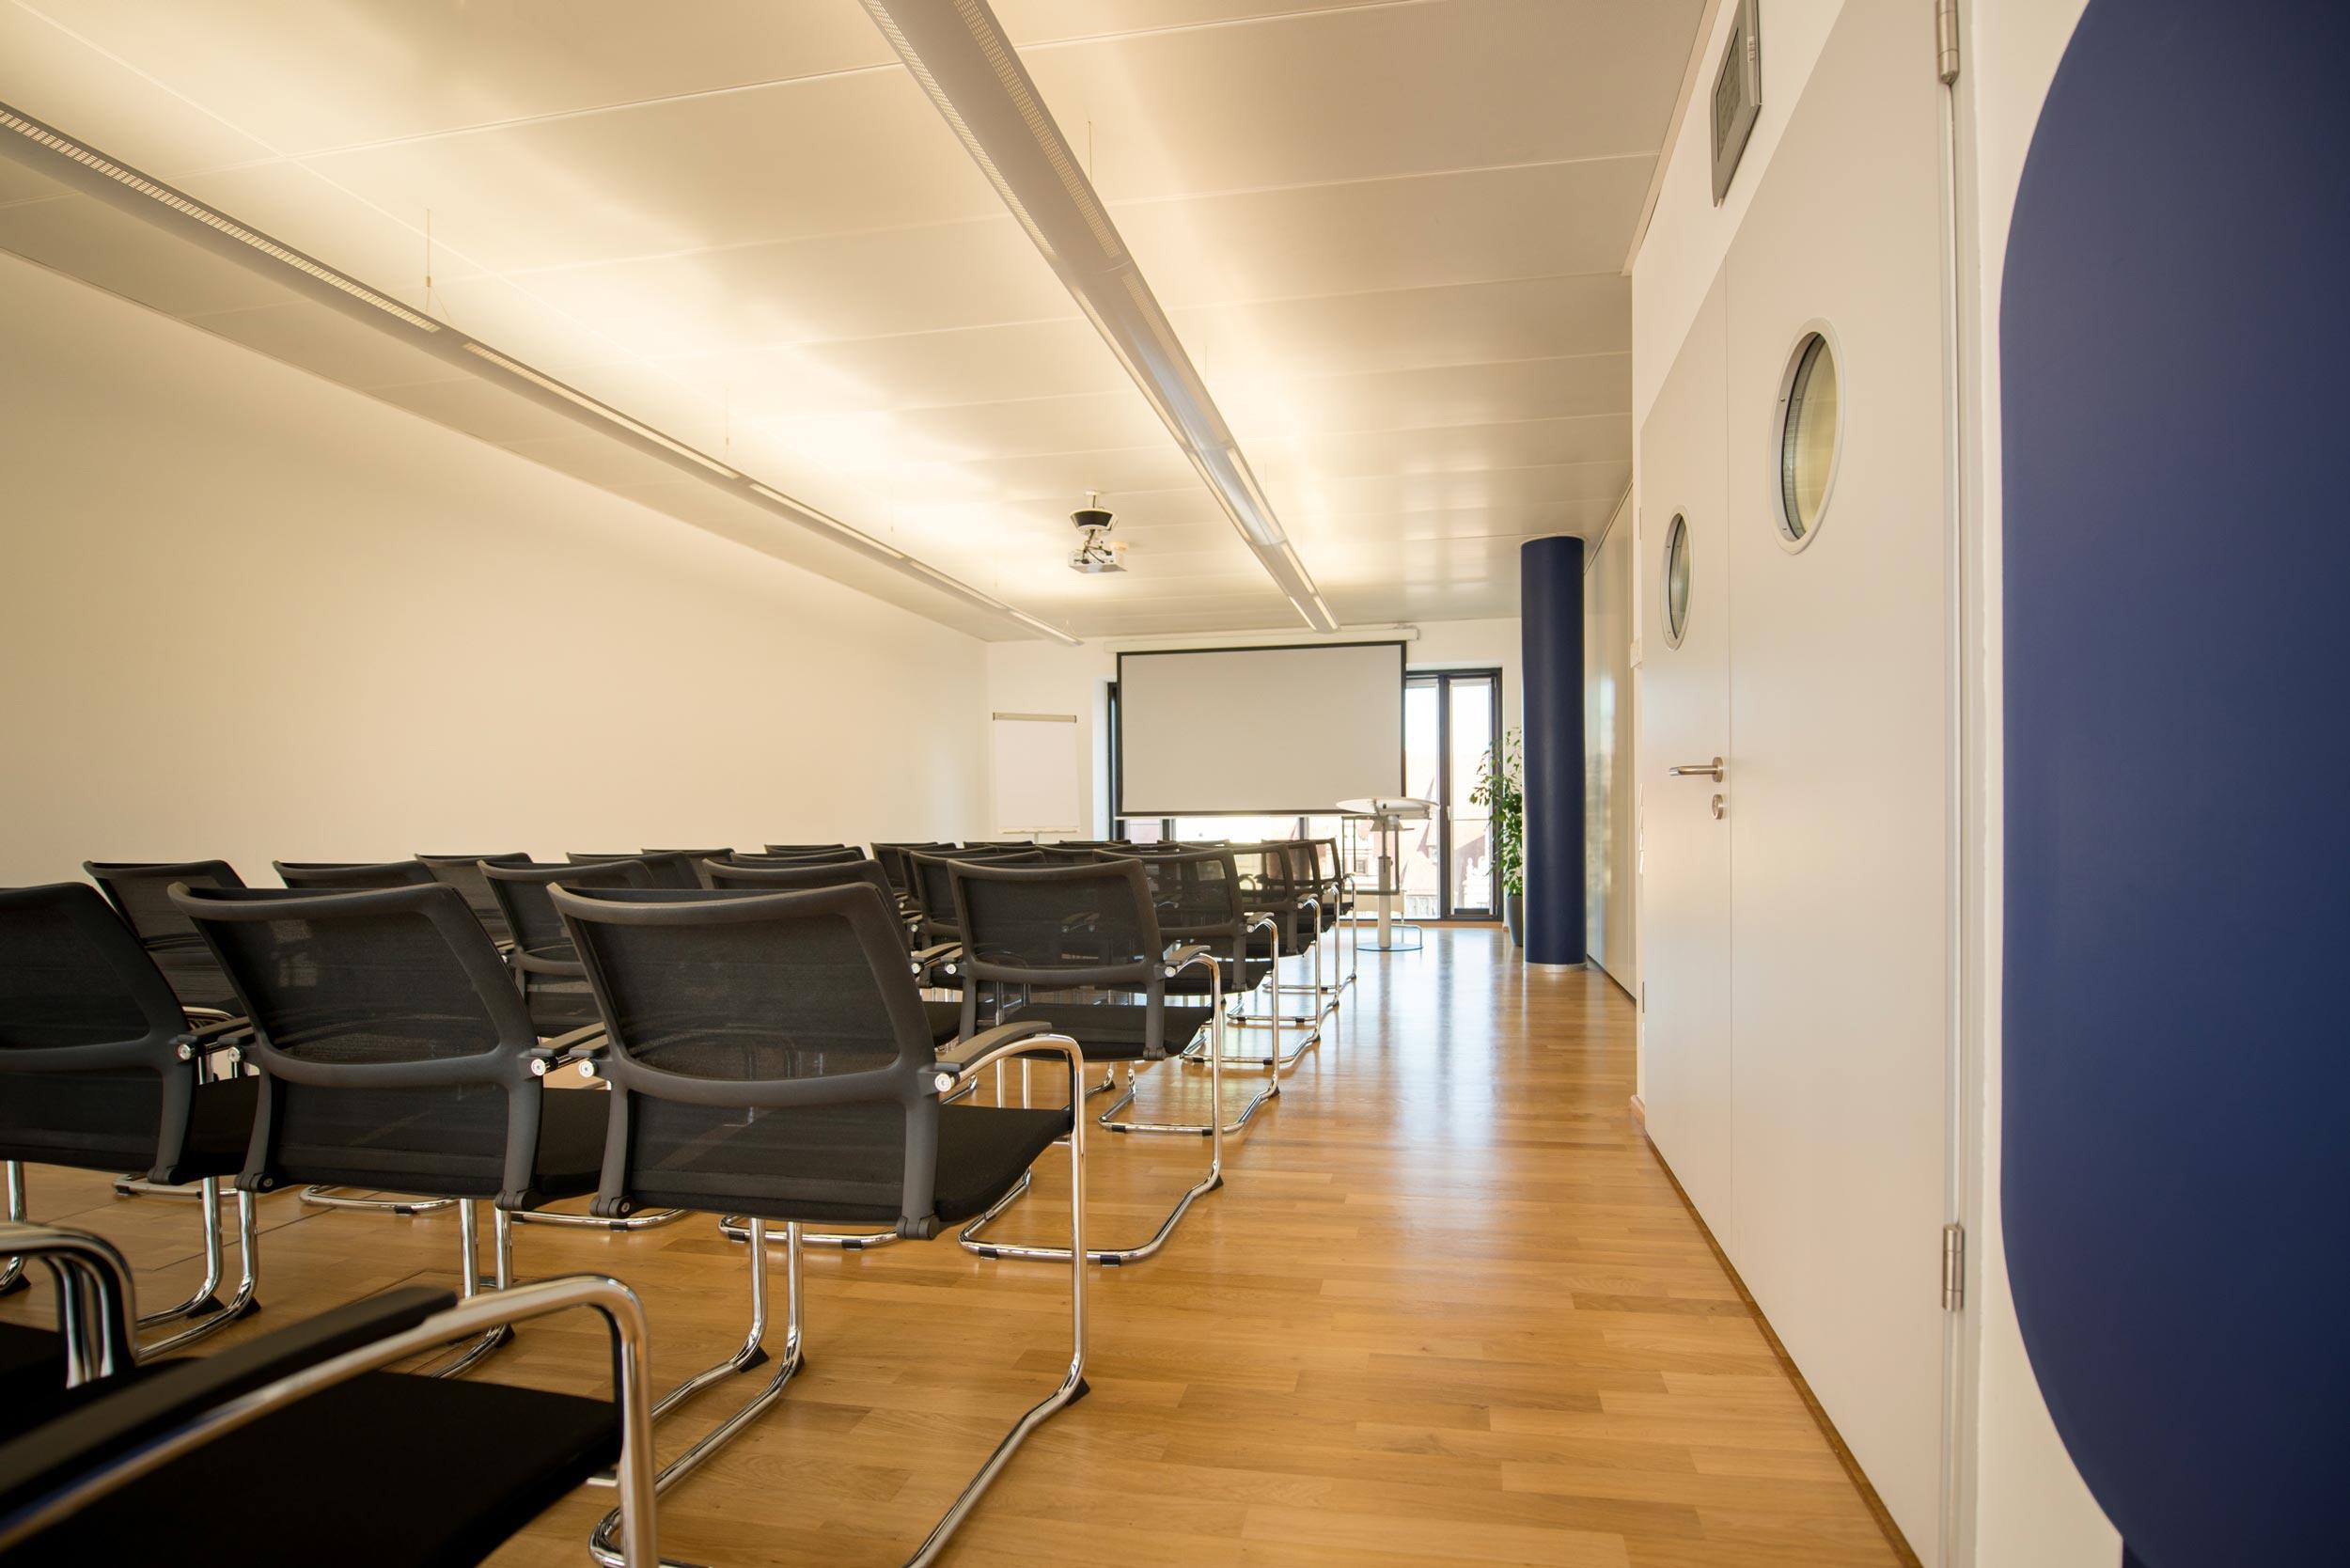 Kinobestuhlung mit Leinwand für Vorträge, Konferenzen, Seminare im größten Konferenzraum